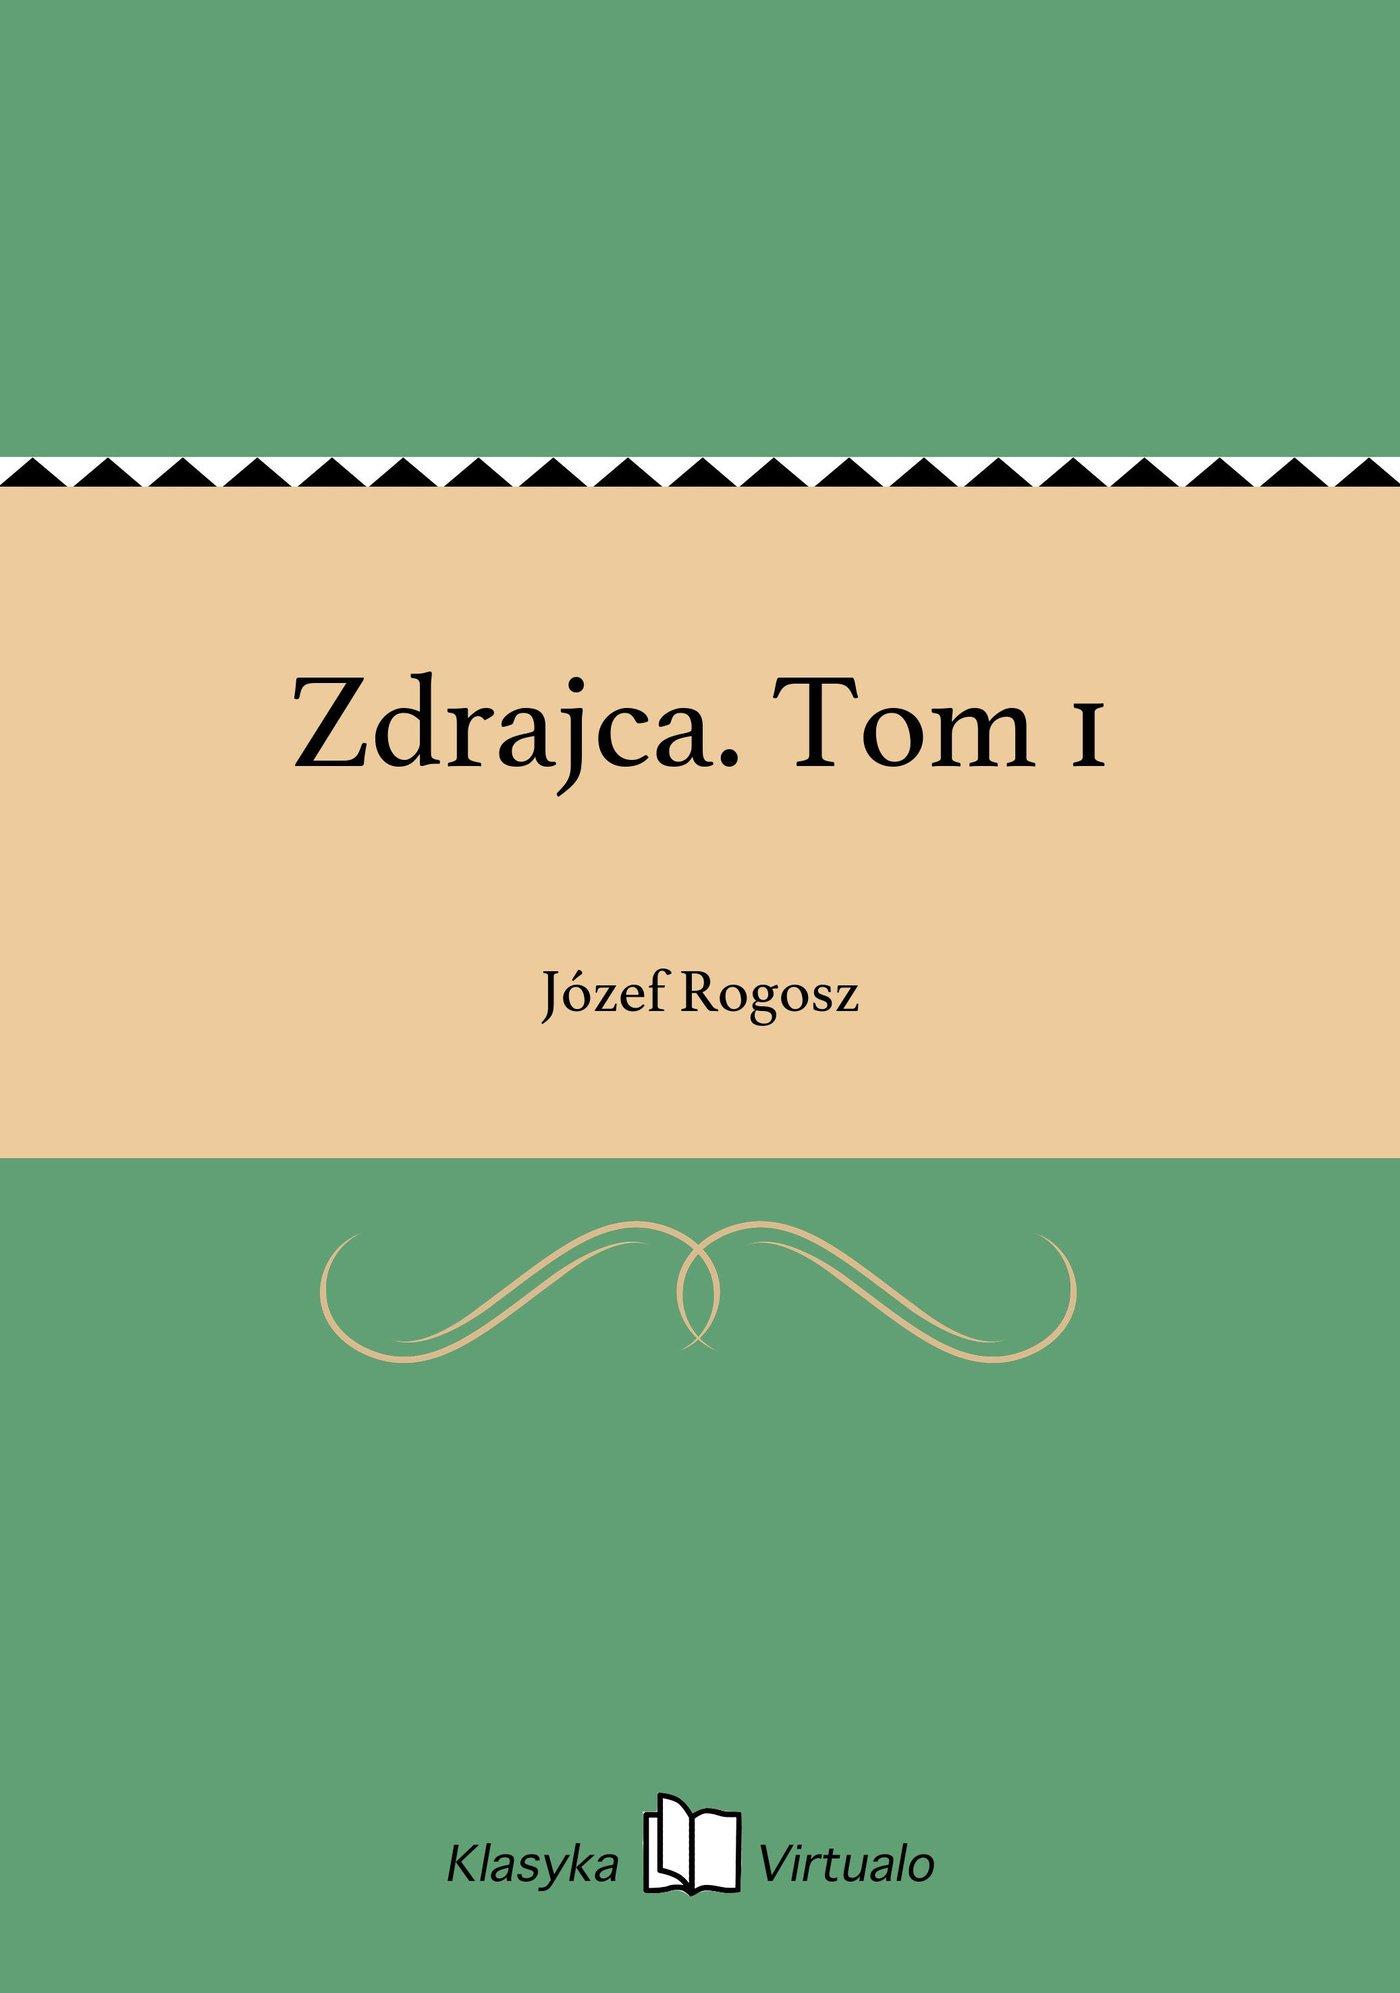 Zdrajca. Tom 1 - Ebook (Książka EPUB) do pobrania w formacie EPUB